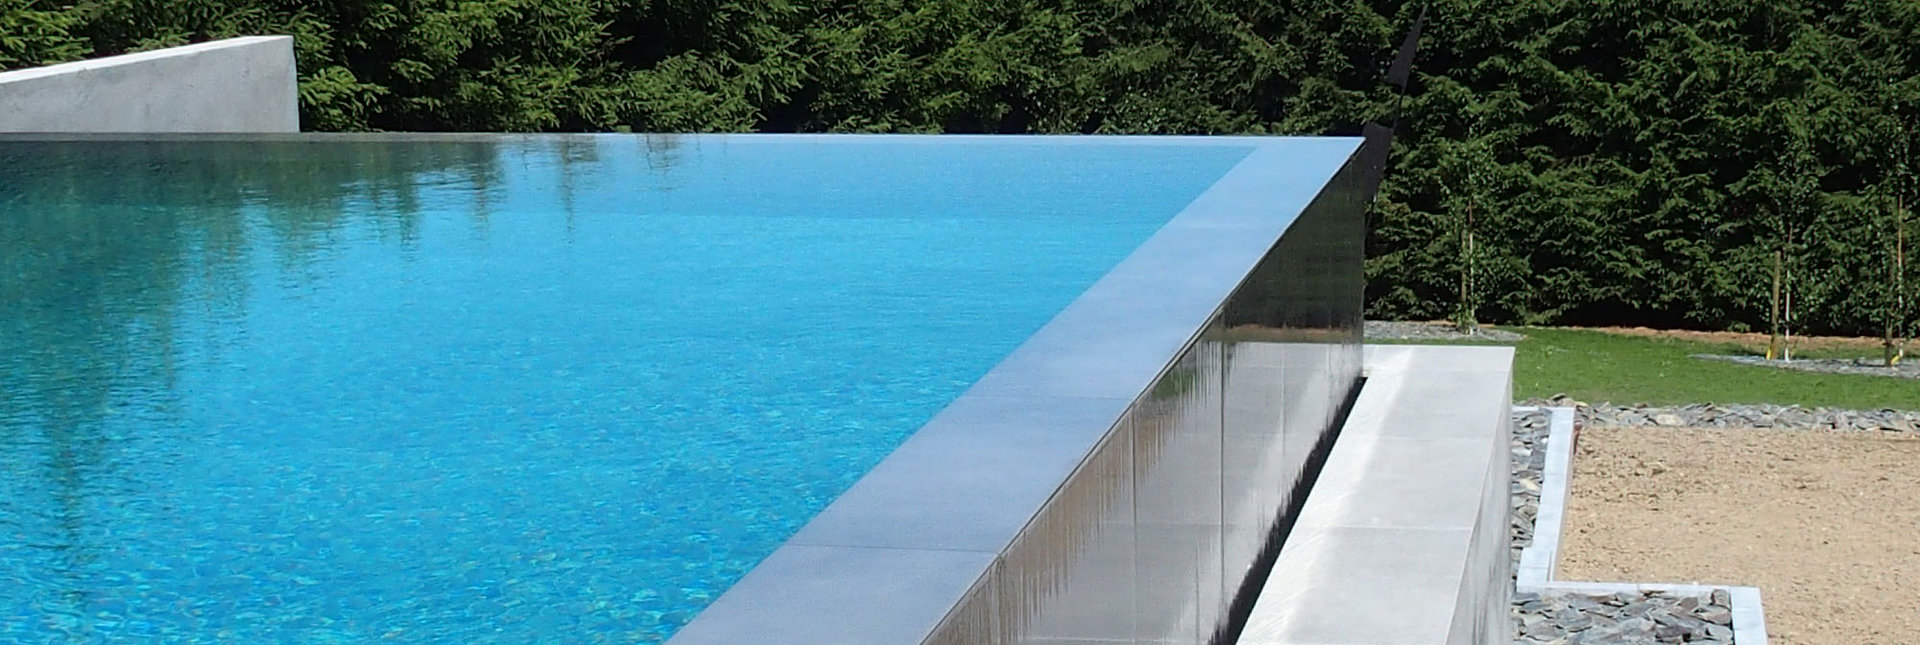 constructeur de piscines belgique piscines beton arme With piscine miroir a debordement 2 constructeur de piscines belgique piscines beton arme